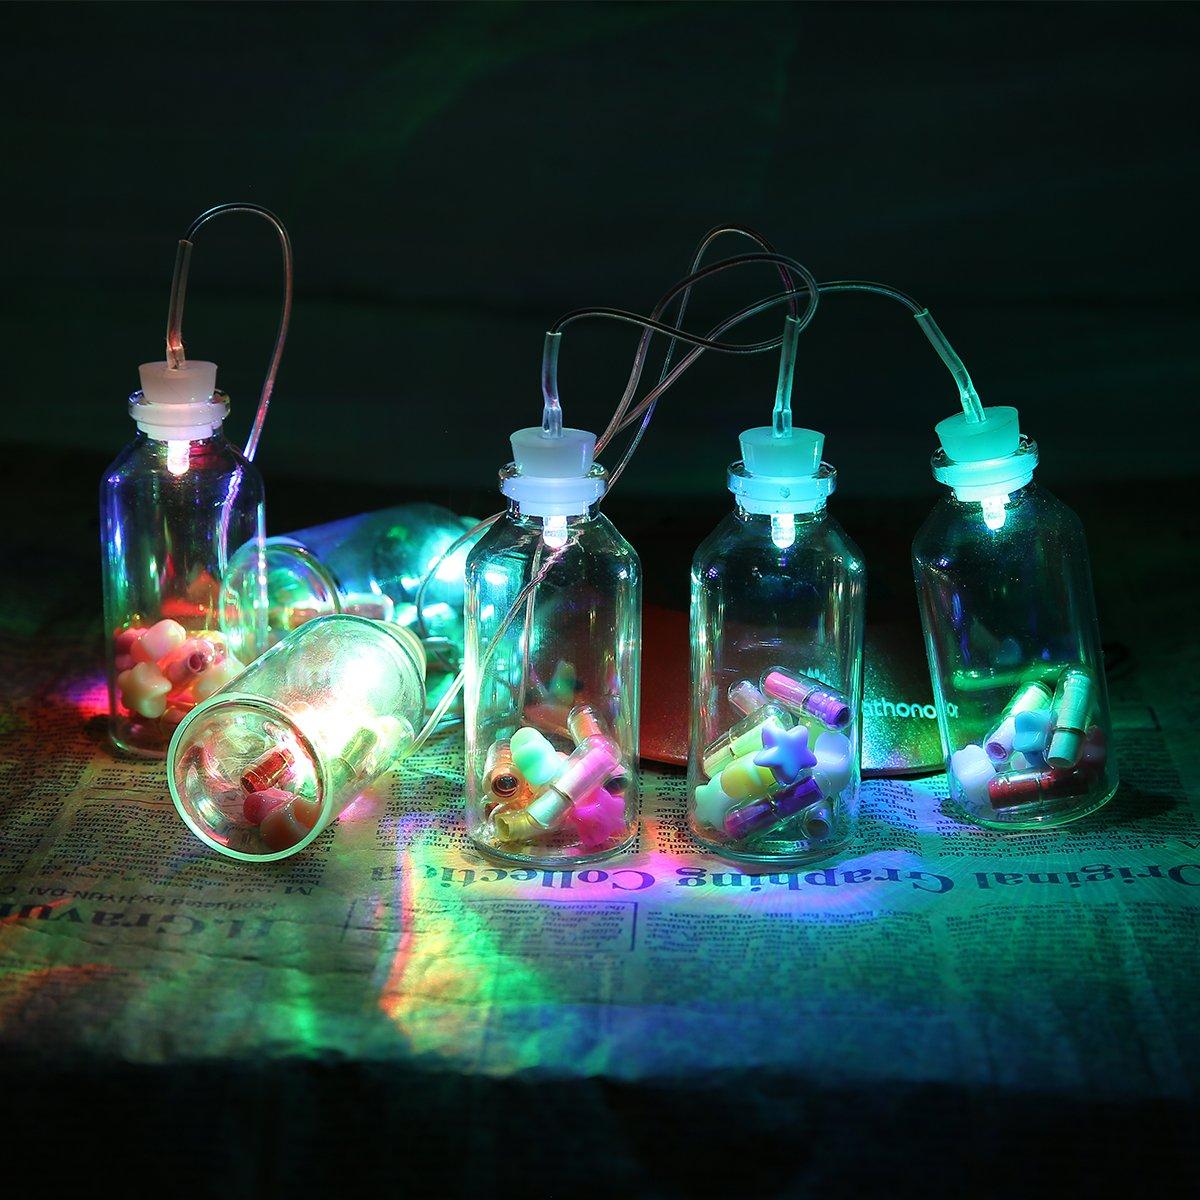 Carrillón viento LED Solar cambiante color Pathonor Carrillones para jardín Carrillones LED para jardín, patios, césped, la sala de estar, decoraciones de jardín